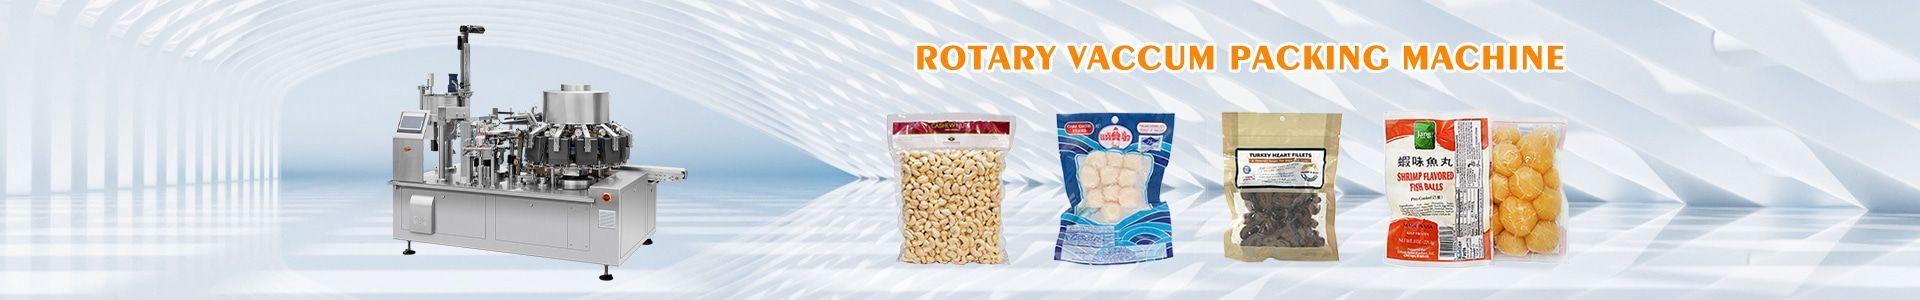 Rotary Vaccum Packing Machine